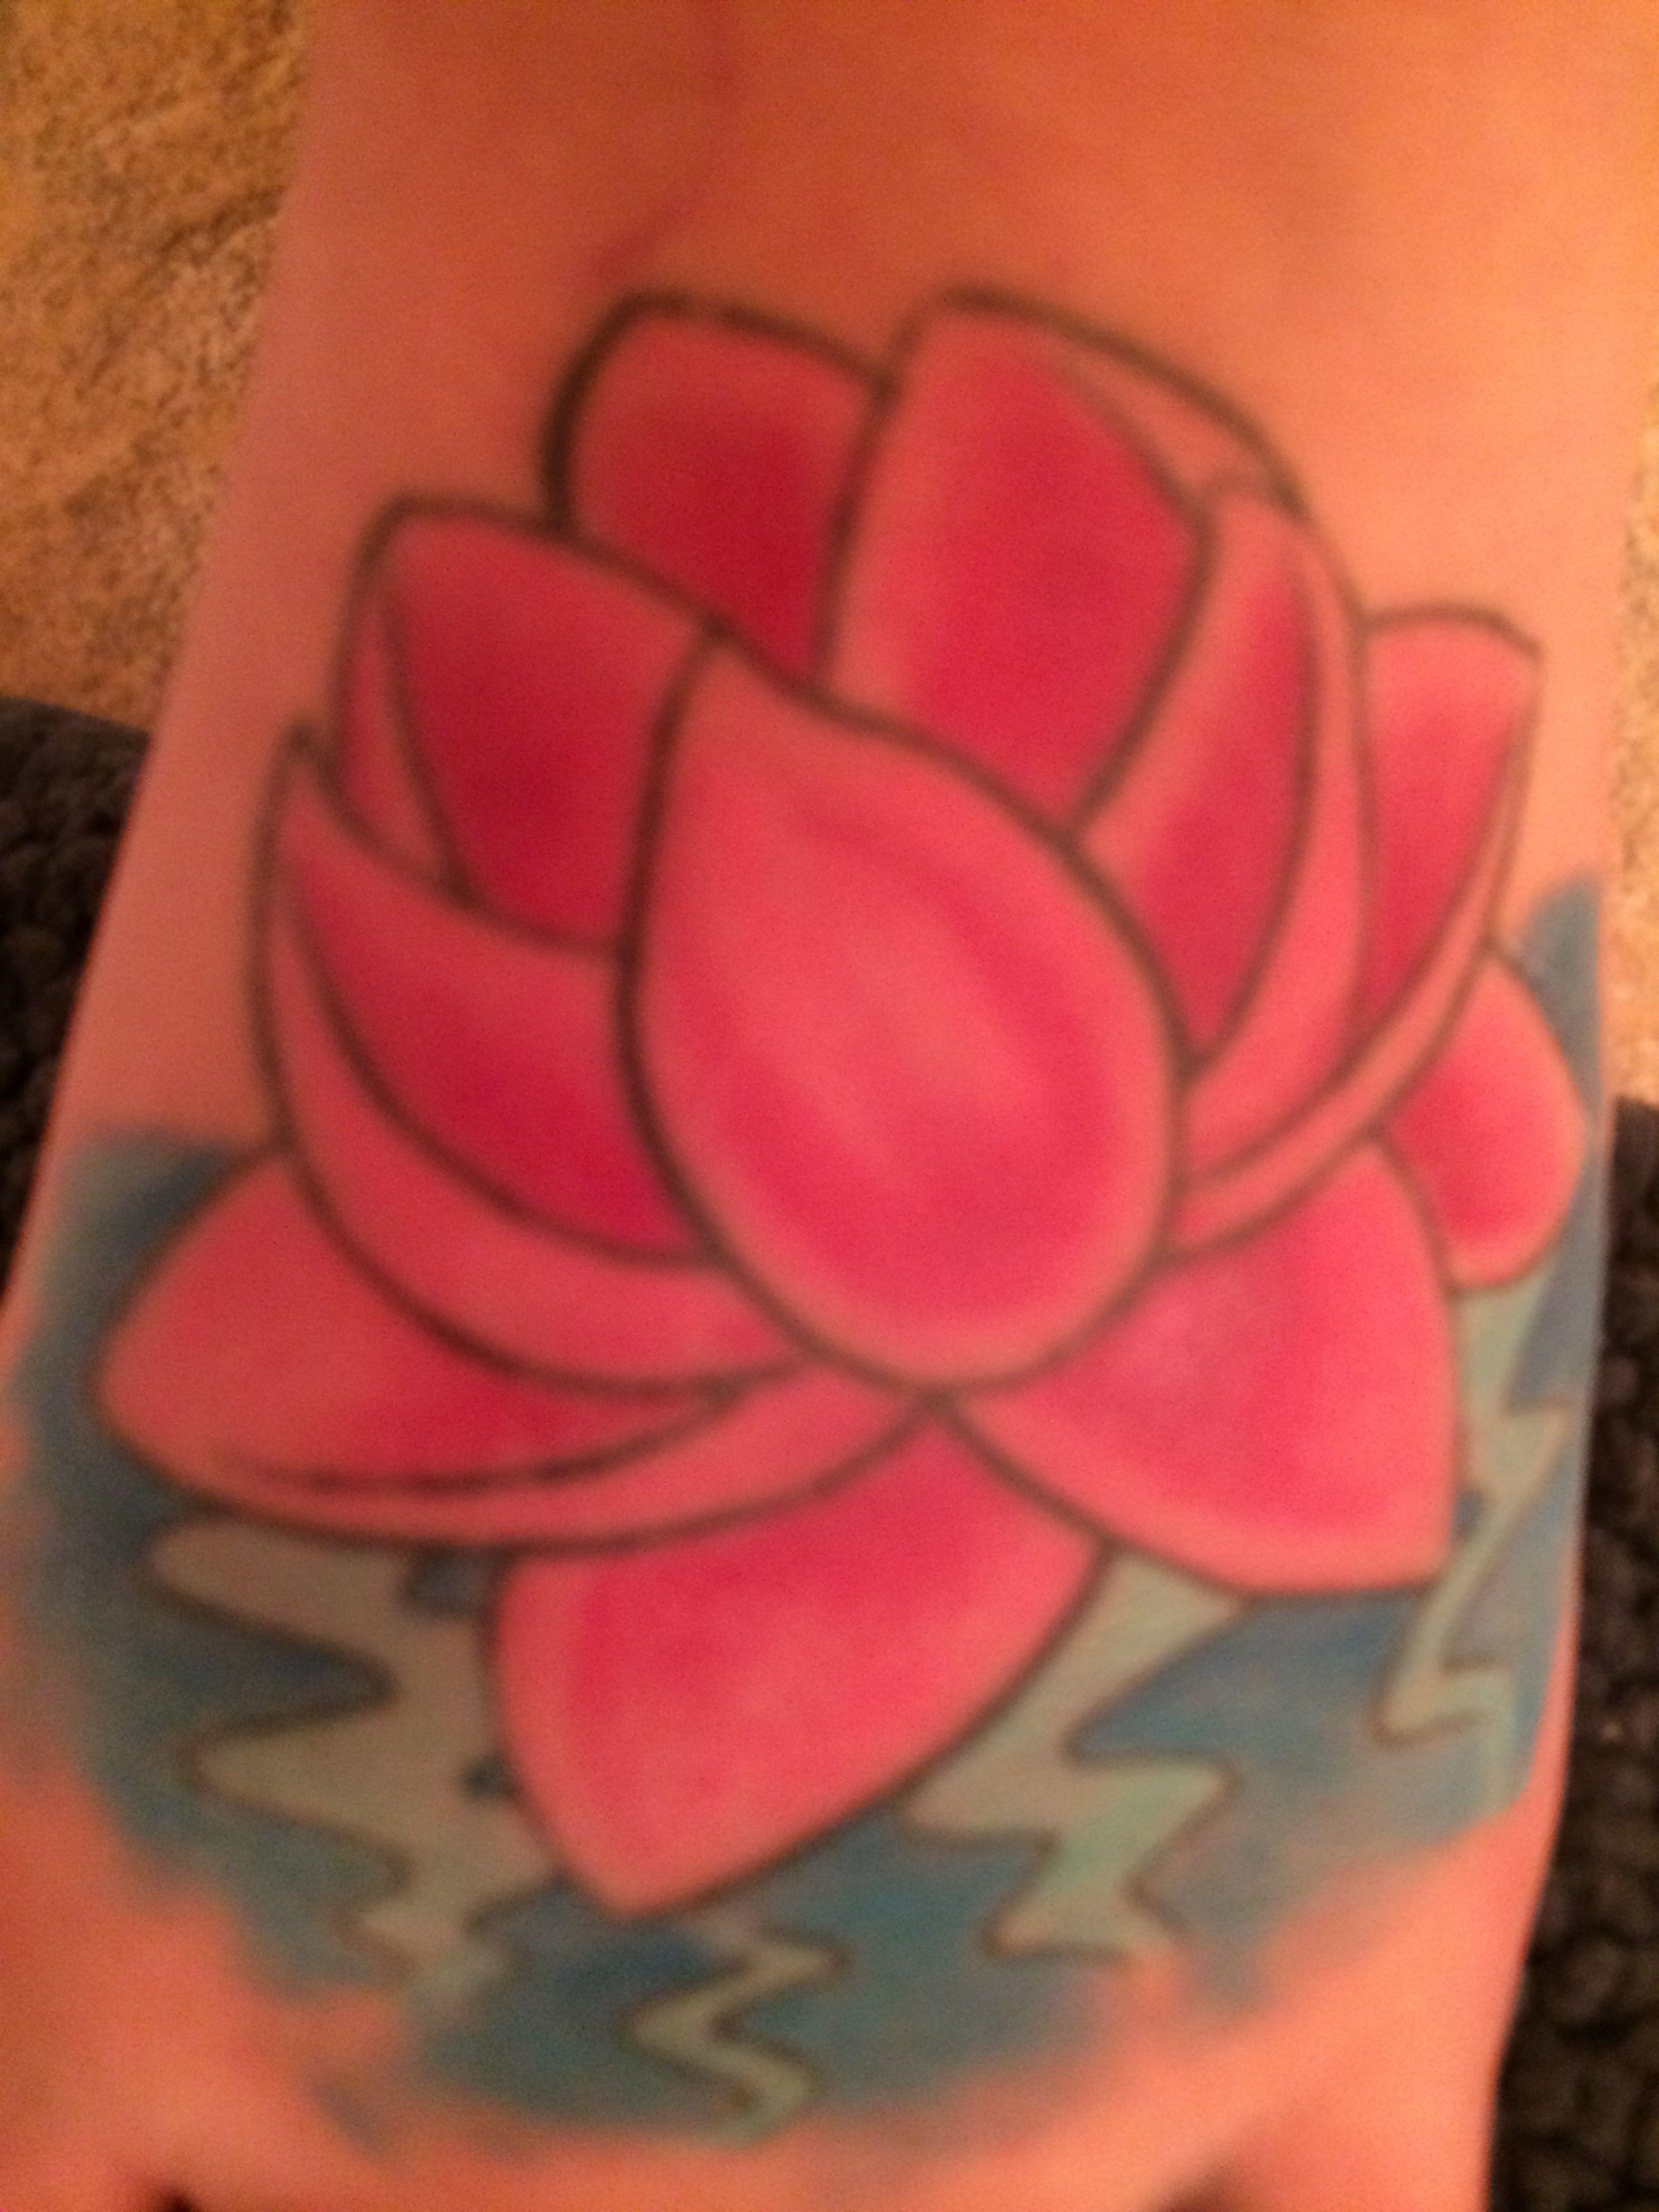 Love my lotus flower tattoo tats pinterest flower tattoos love my lotus flower tattoo izmirmasajfo